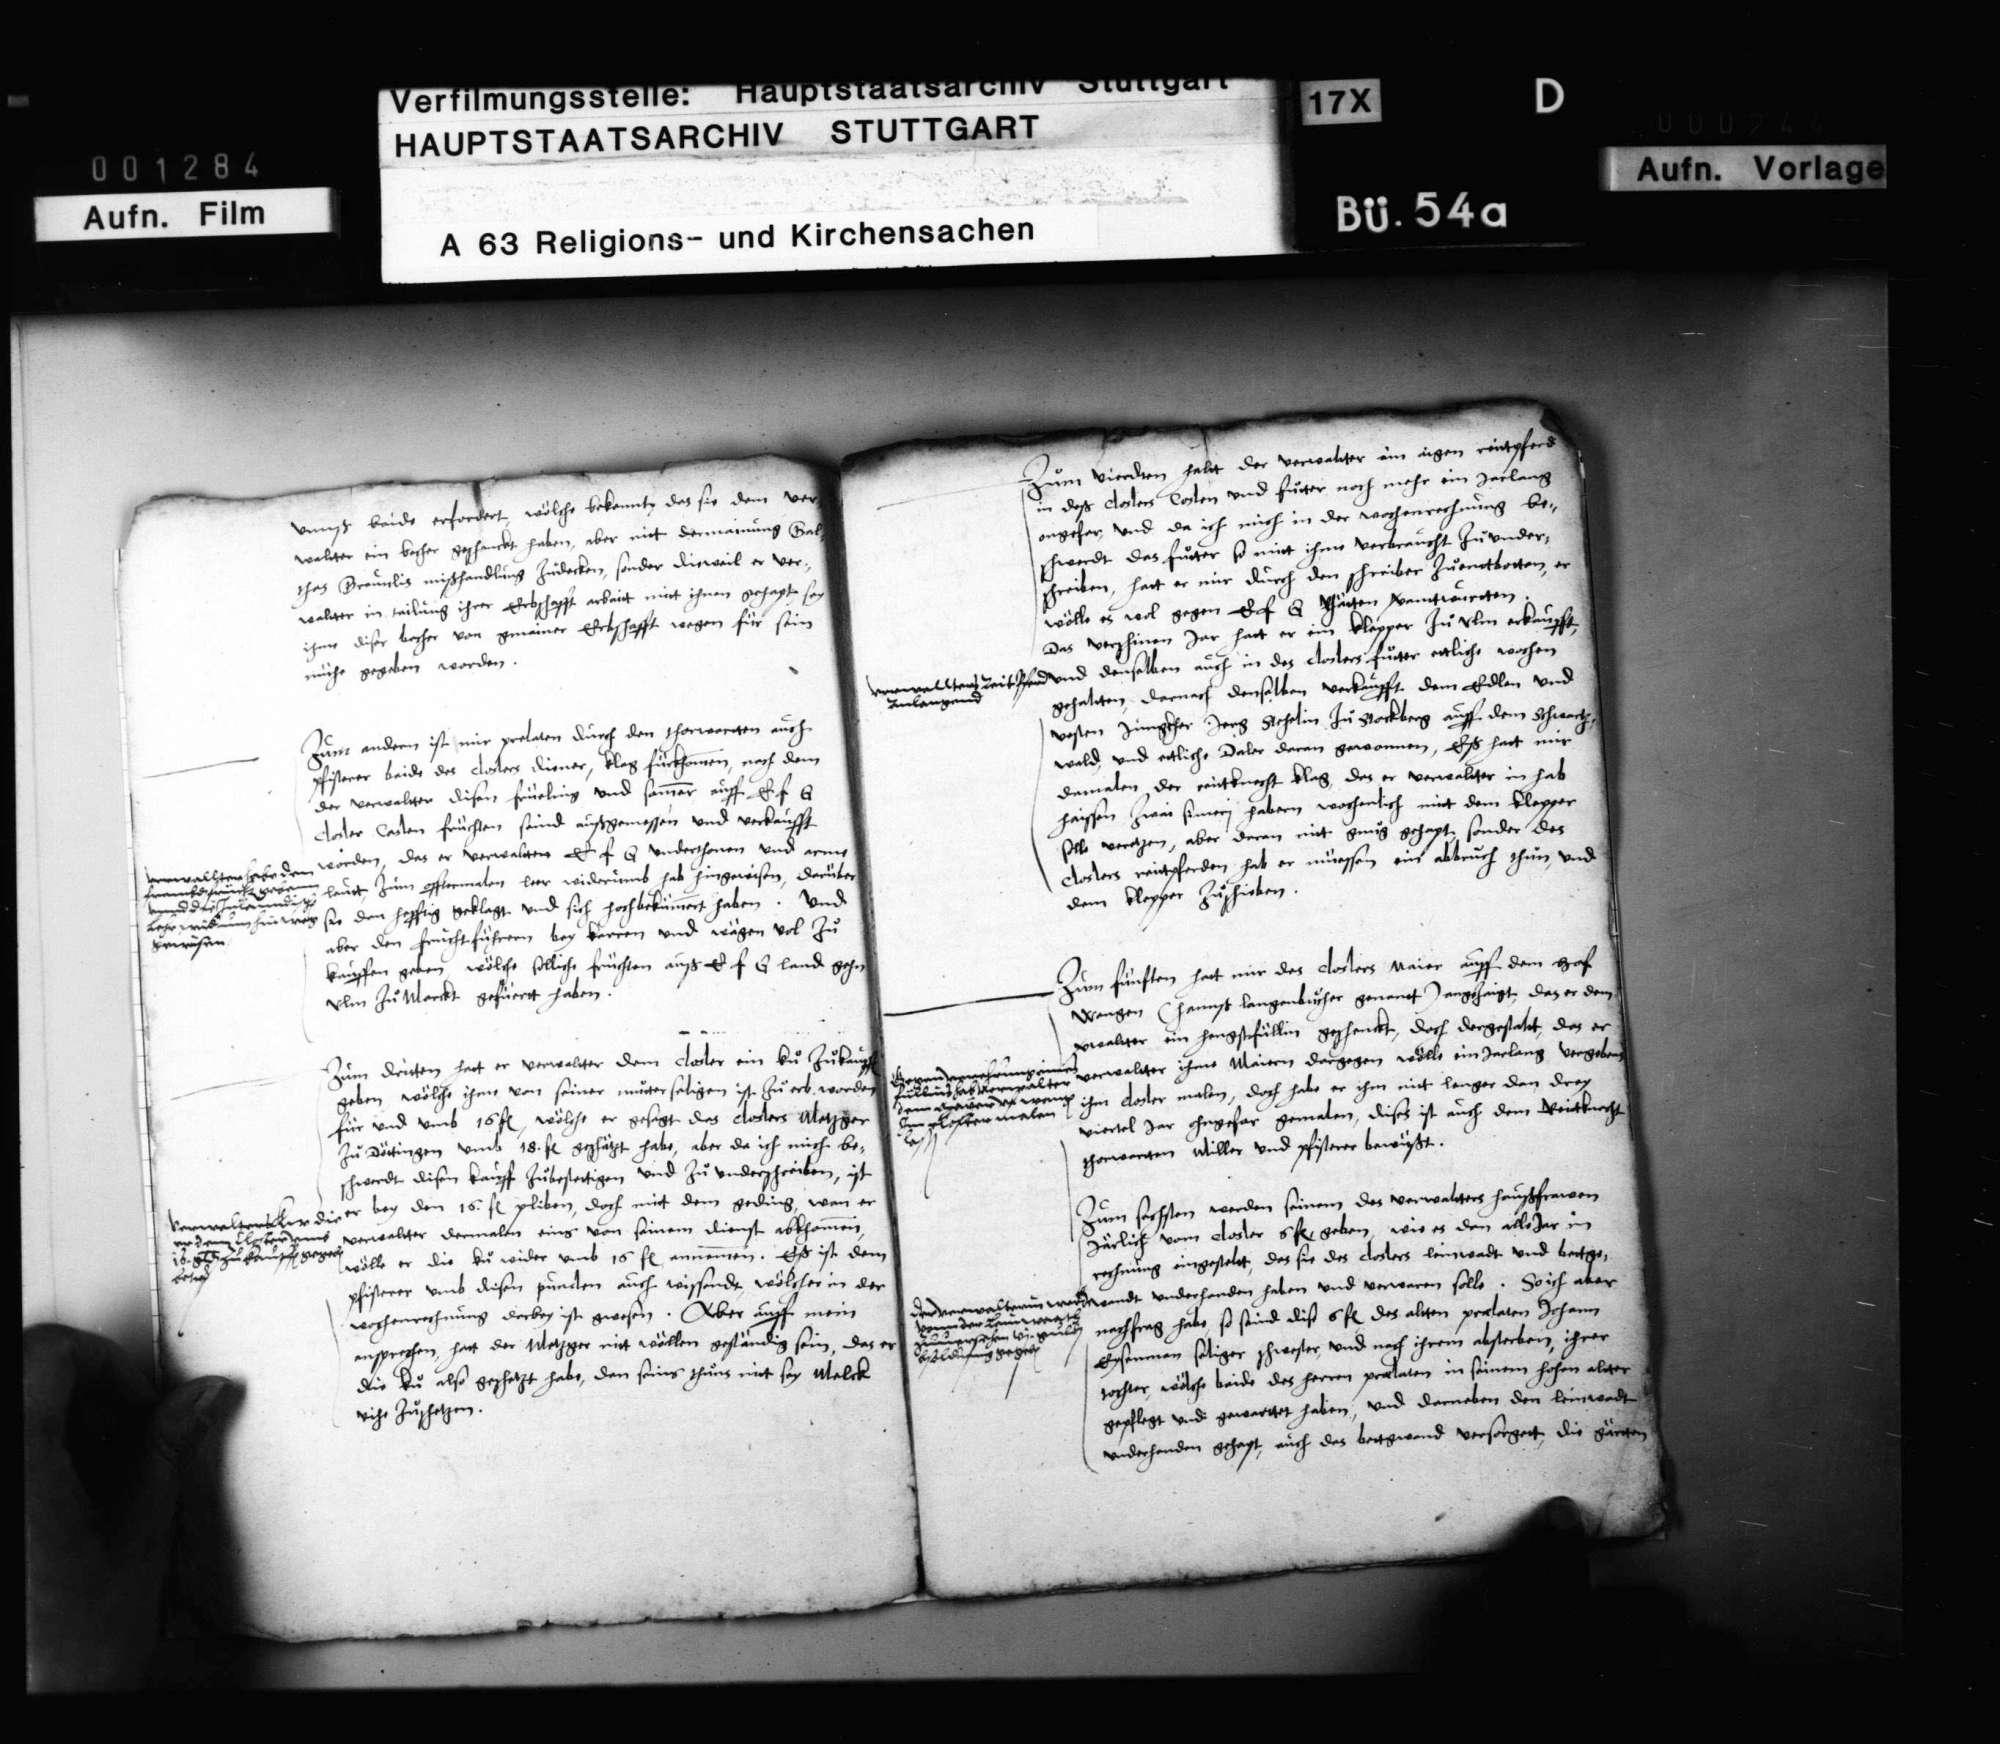 Schreiben des Abts Andreas Eyb zu Anhausen an Herzog Ludwig mit einem Bericht über die in seinem Kloster abgehaltenen Visitationen. Original, Bild 3